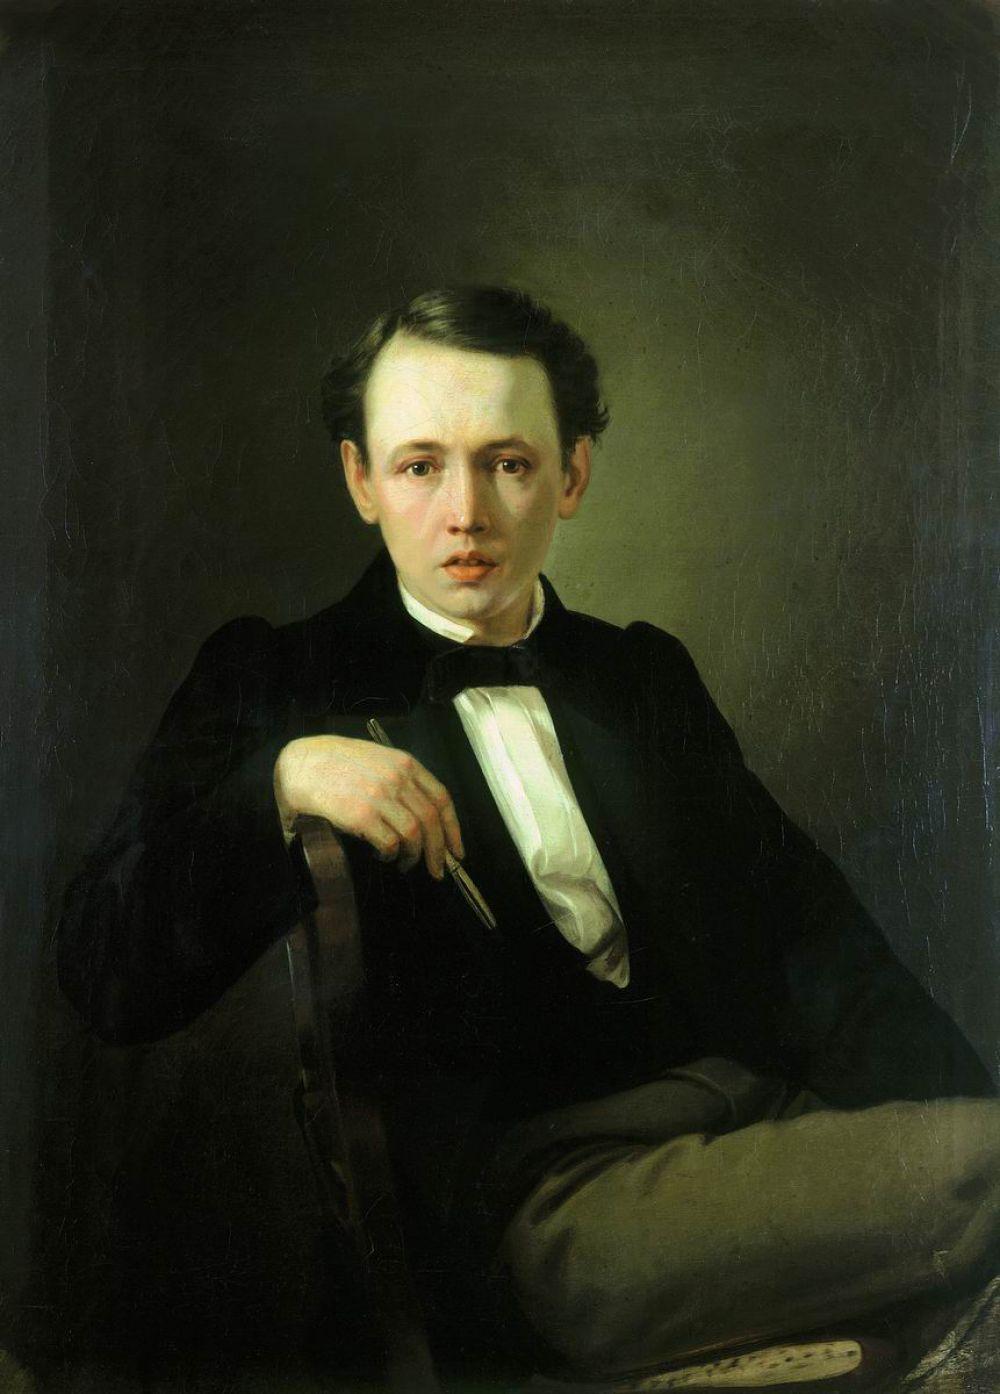 Будущий художник родился в Тобольске 2 января 1834 года. Отцом Перова был губернский прокурор барон Георгий Криденер.  Однако маленький Василий не имел права на фамилию и титул отца, так как родился вне брака. За усердие и умение владеть пером учитель мальчика по грамоте прозвал его Перовым. Так будущий художник обрел свою фамилию.